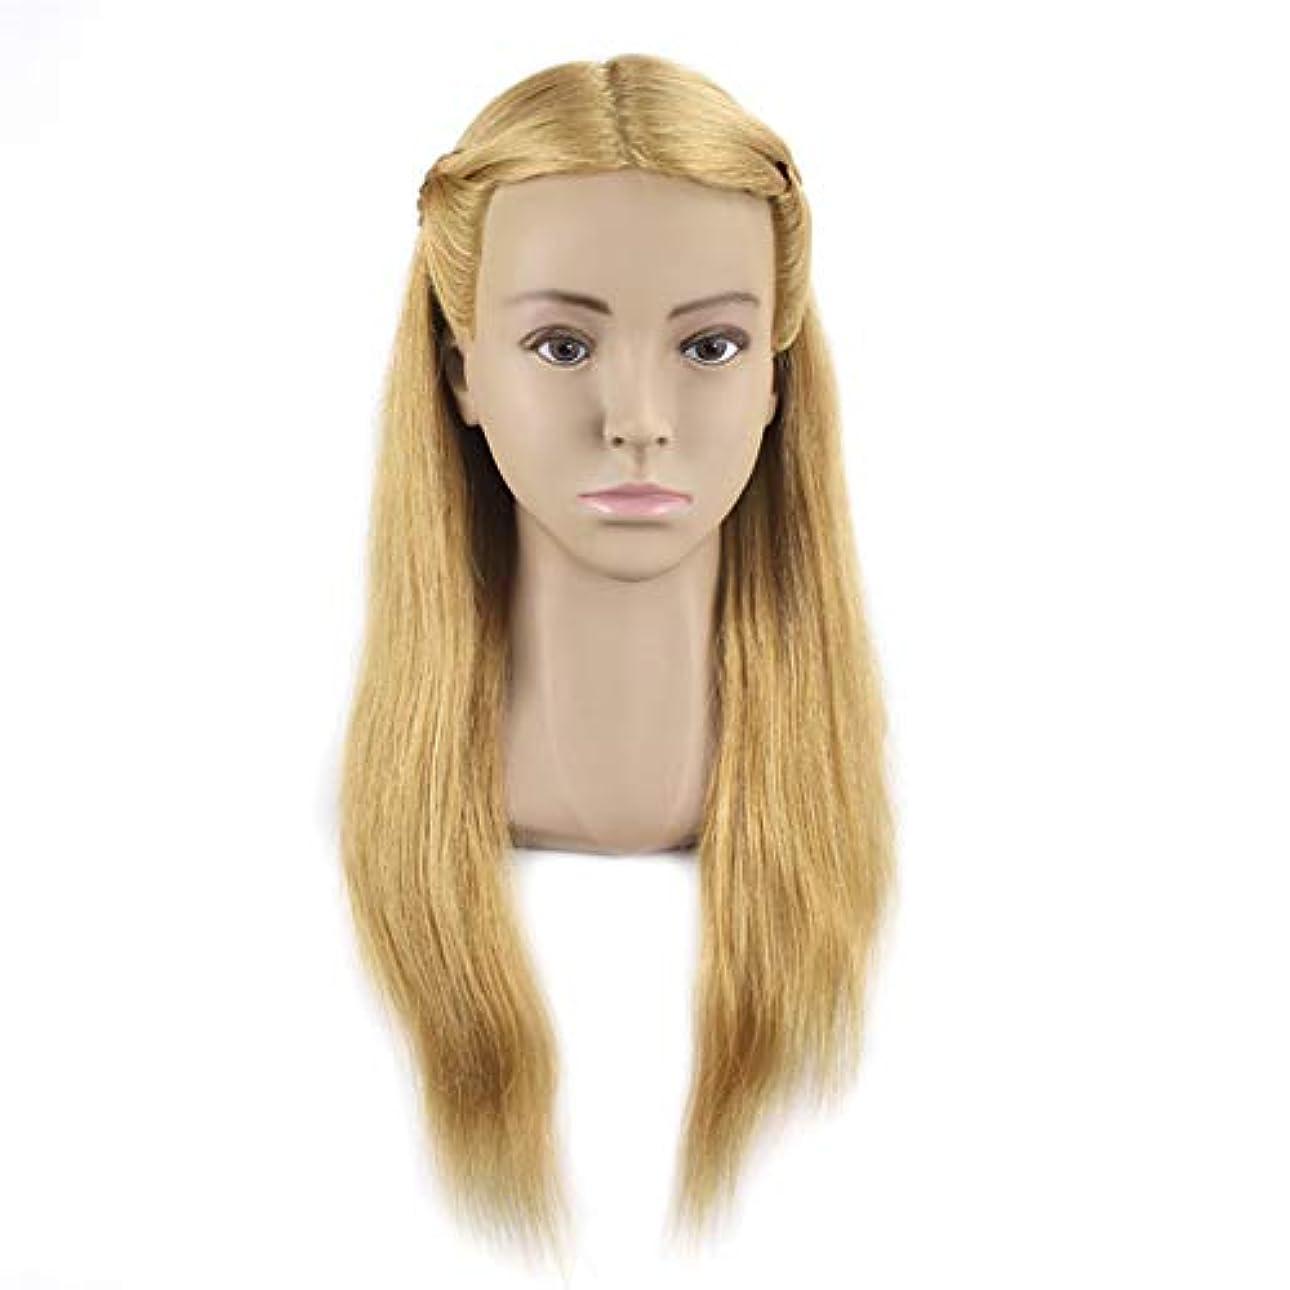 ファイル卒業破裂完全な人毛ヘアスタイリングモデルヘッド女性モデルヘッドティーチングヘッド理髪店編組髪染め学習ダミーヘッド